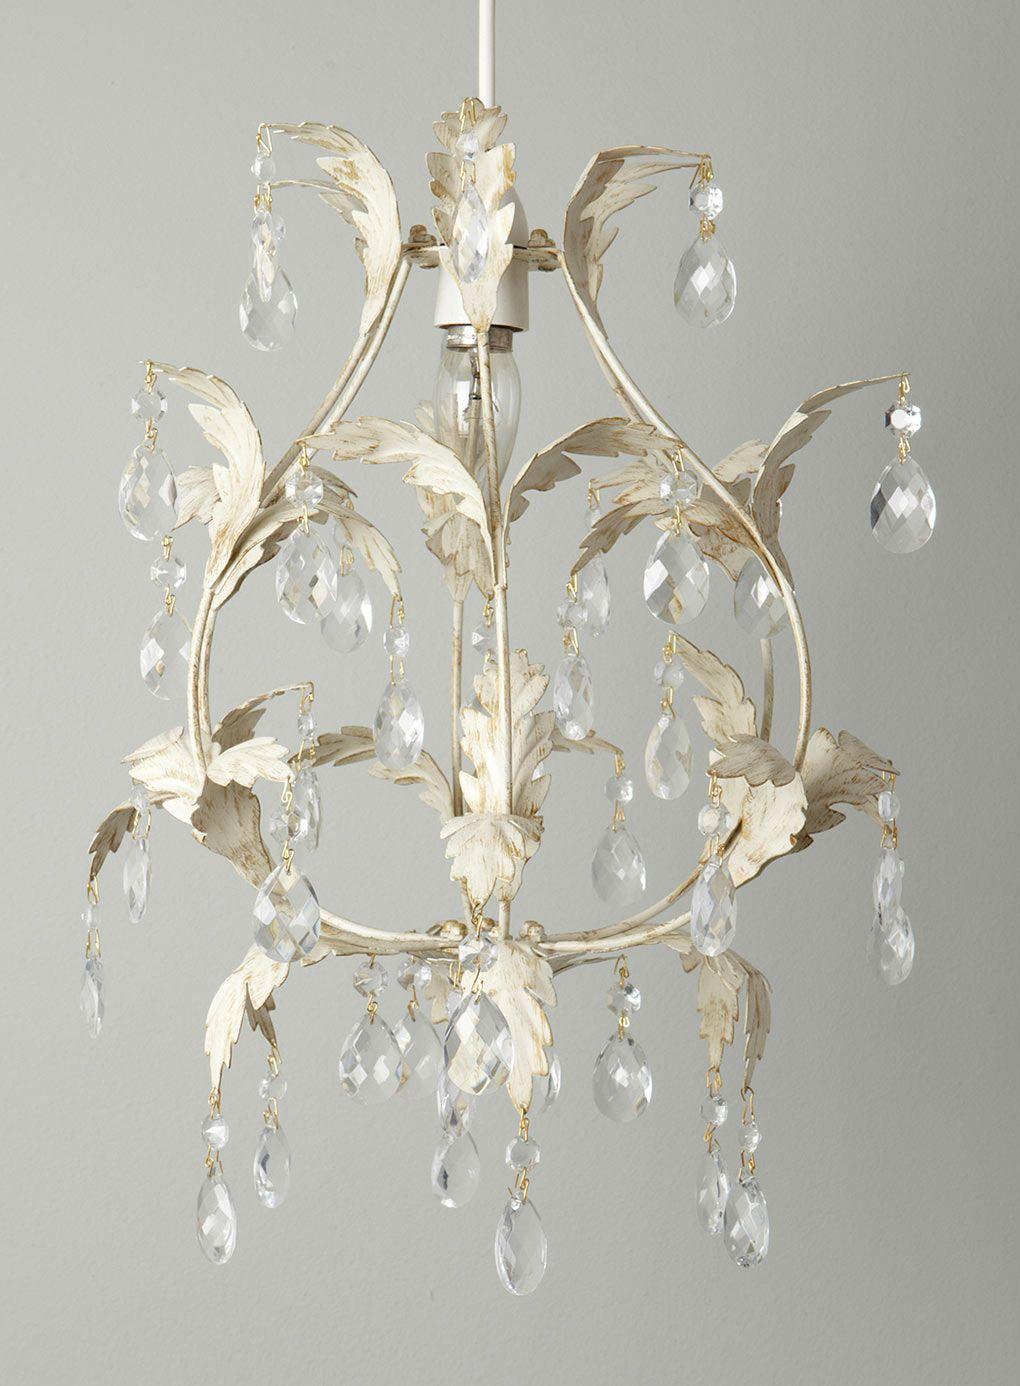 Cristallo Easyfit Pendant 50 Ceiling Lights Home Lighting